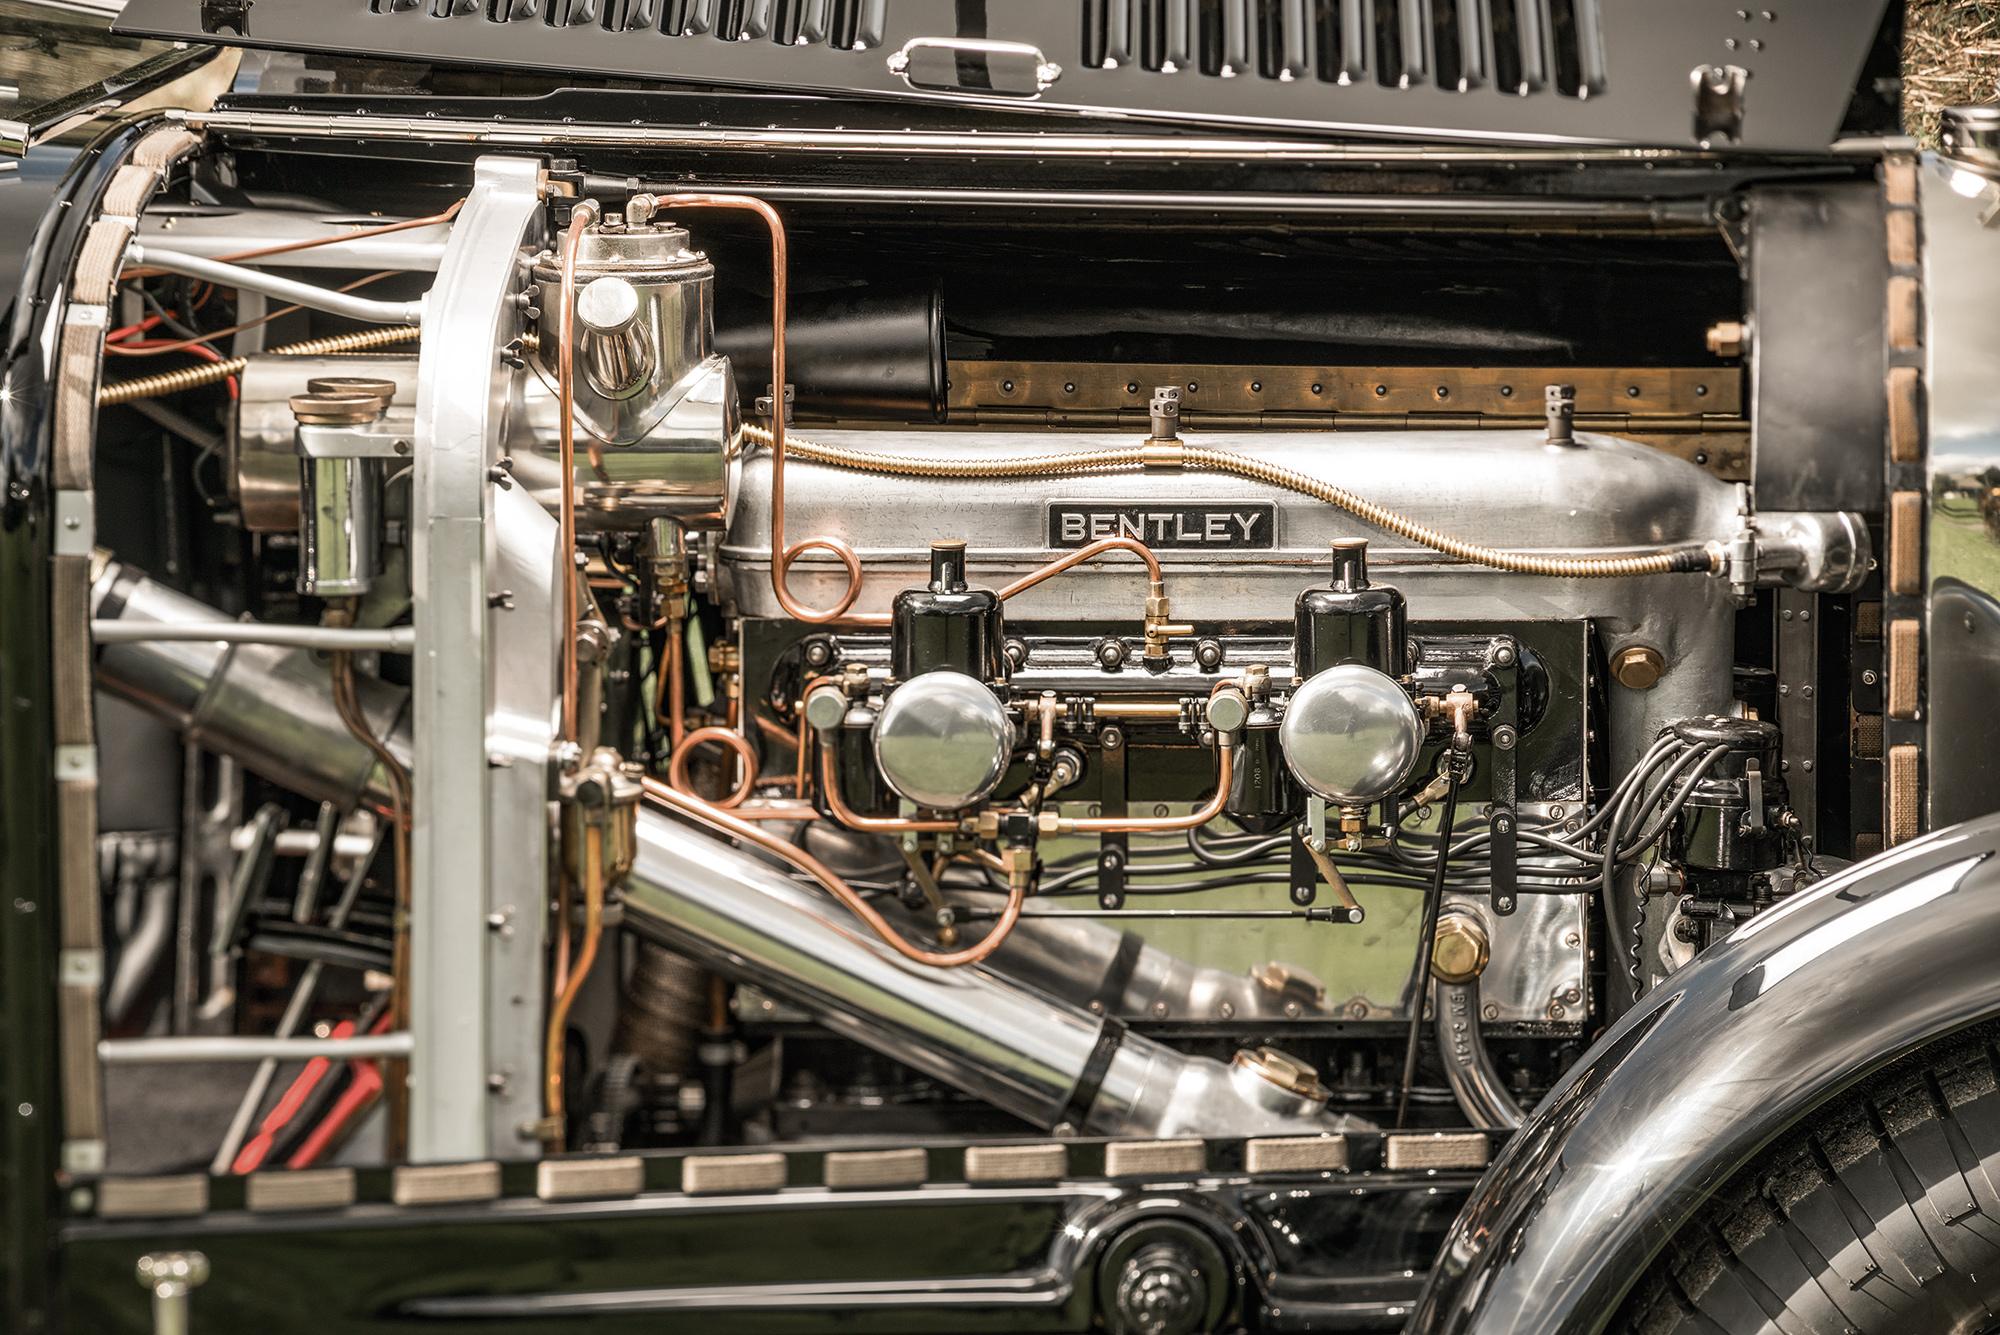 #44, Bentley, Roadster, Woolf Barnato, 3-Liter-Bentley, Vanden Plas